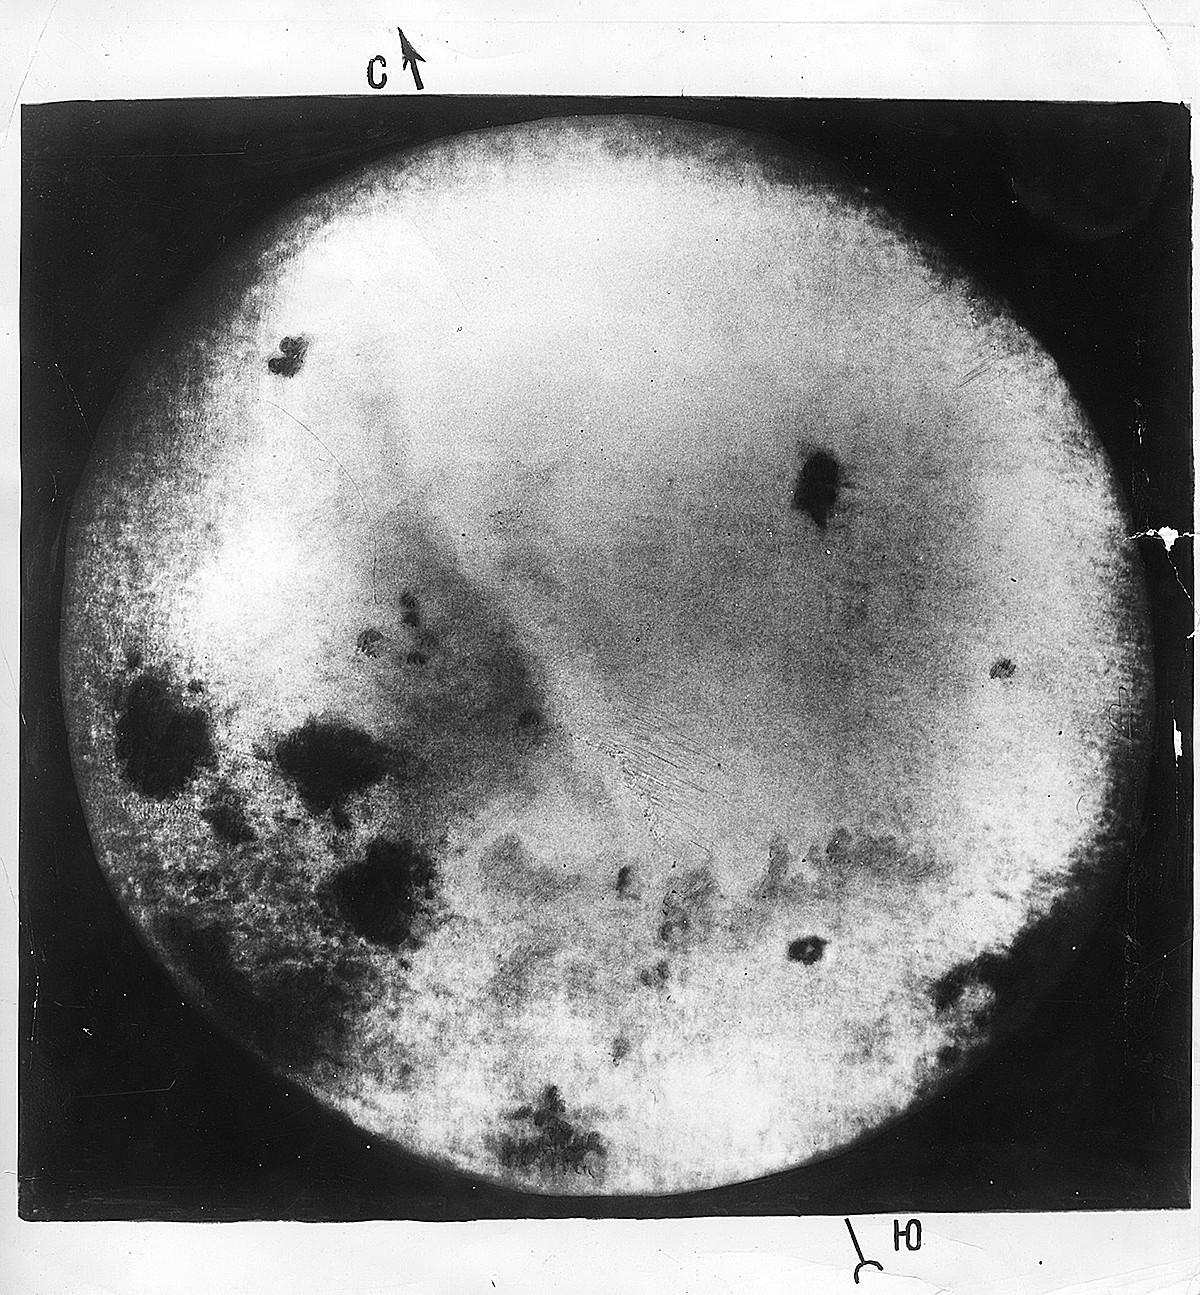 Salah satu foto pertama sisi jauh Bulan yang diambil oleh Luna-3.